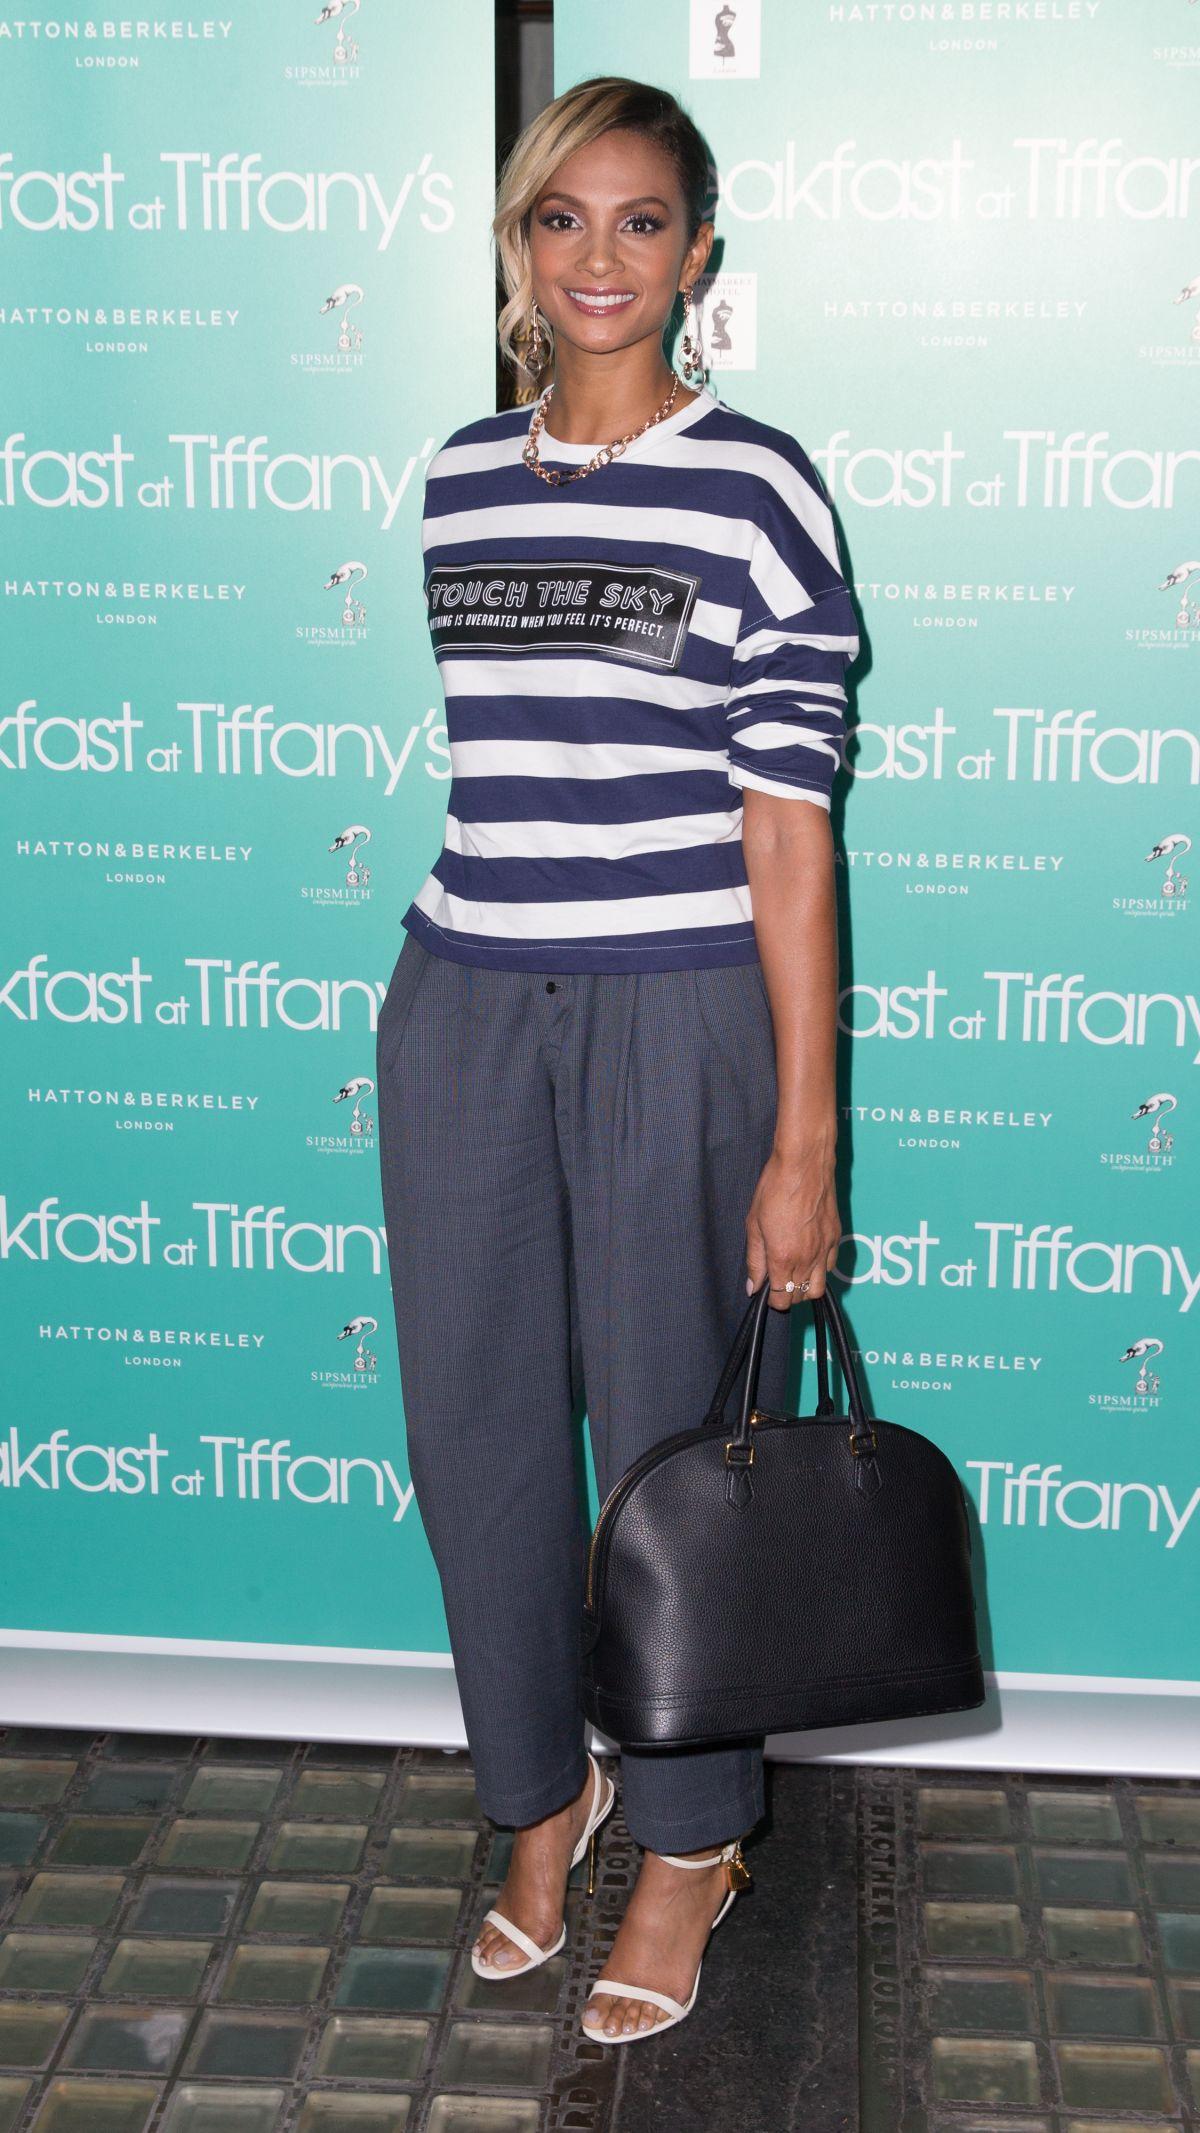 ALESHA DIXON at Breakfast at Tiffany's Press Night in London 07/26/2016